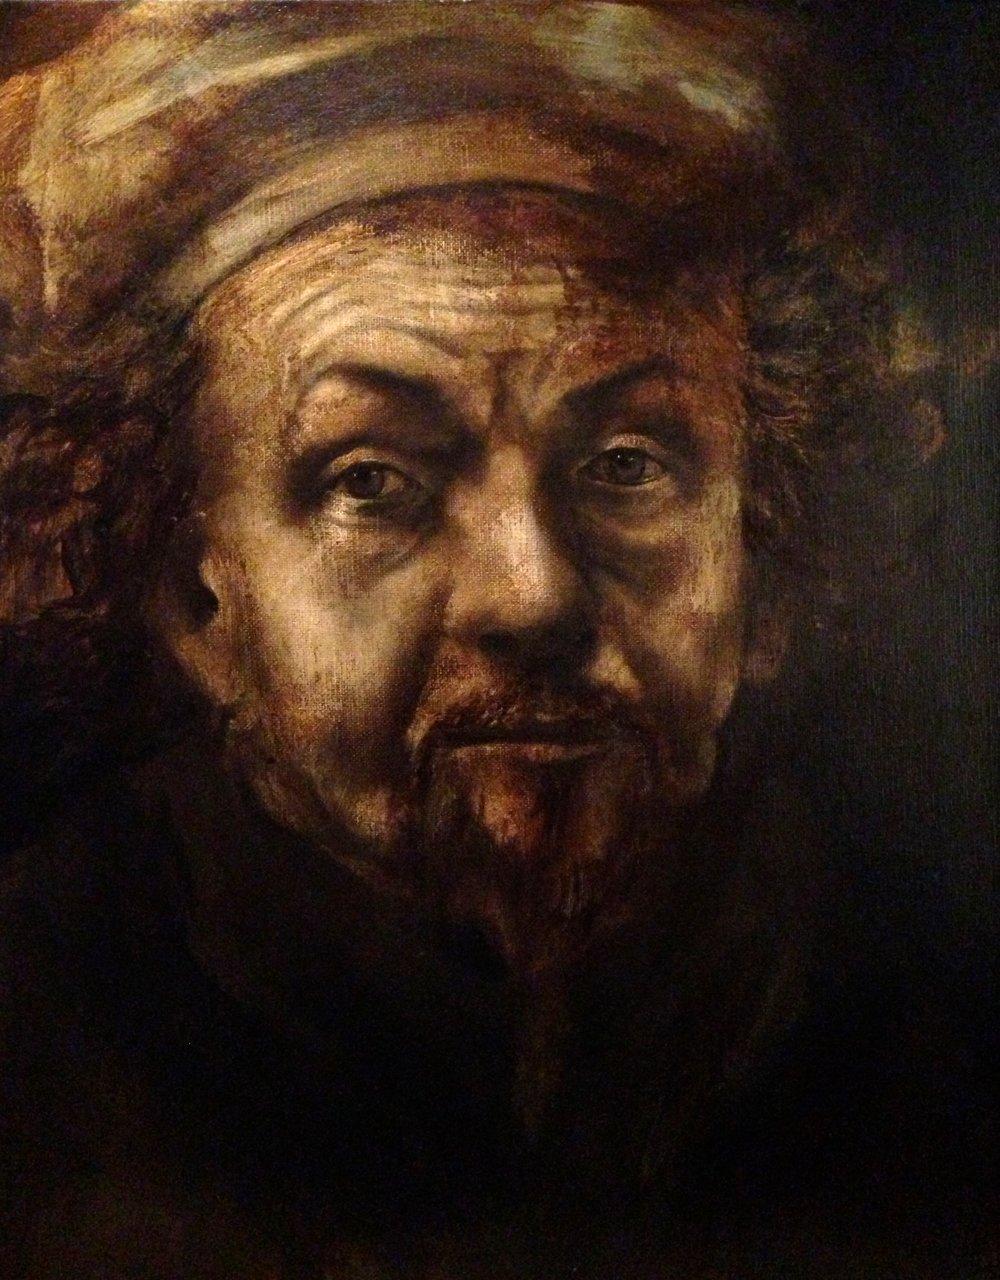 Rembrandt, 2016 Acrylic & texture medium on canvas